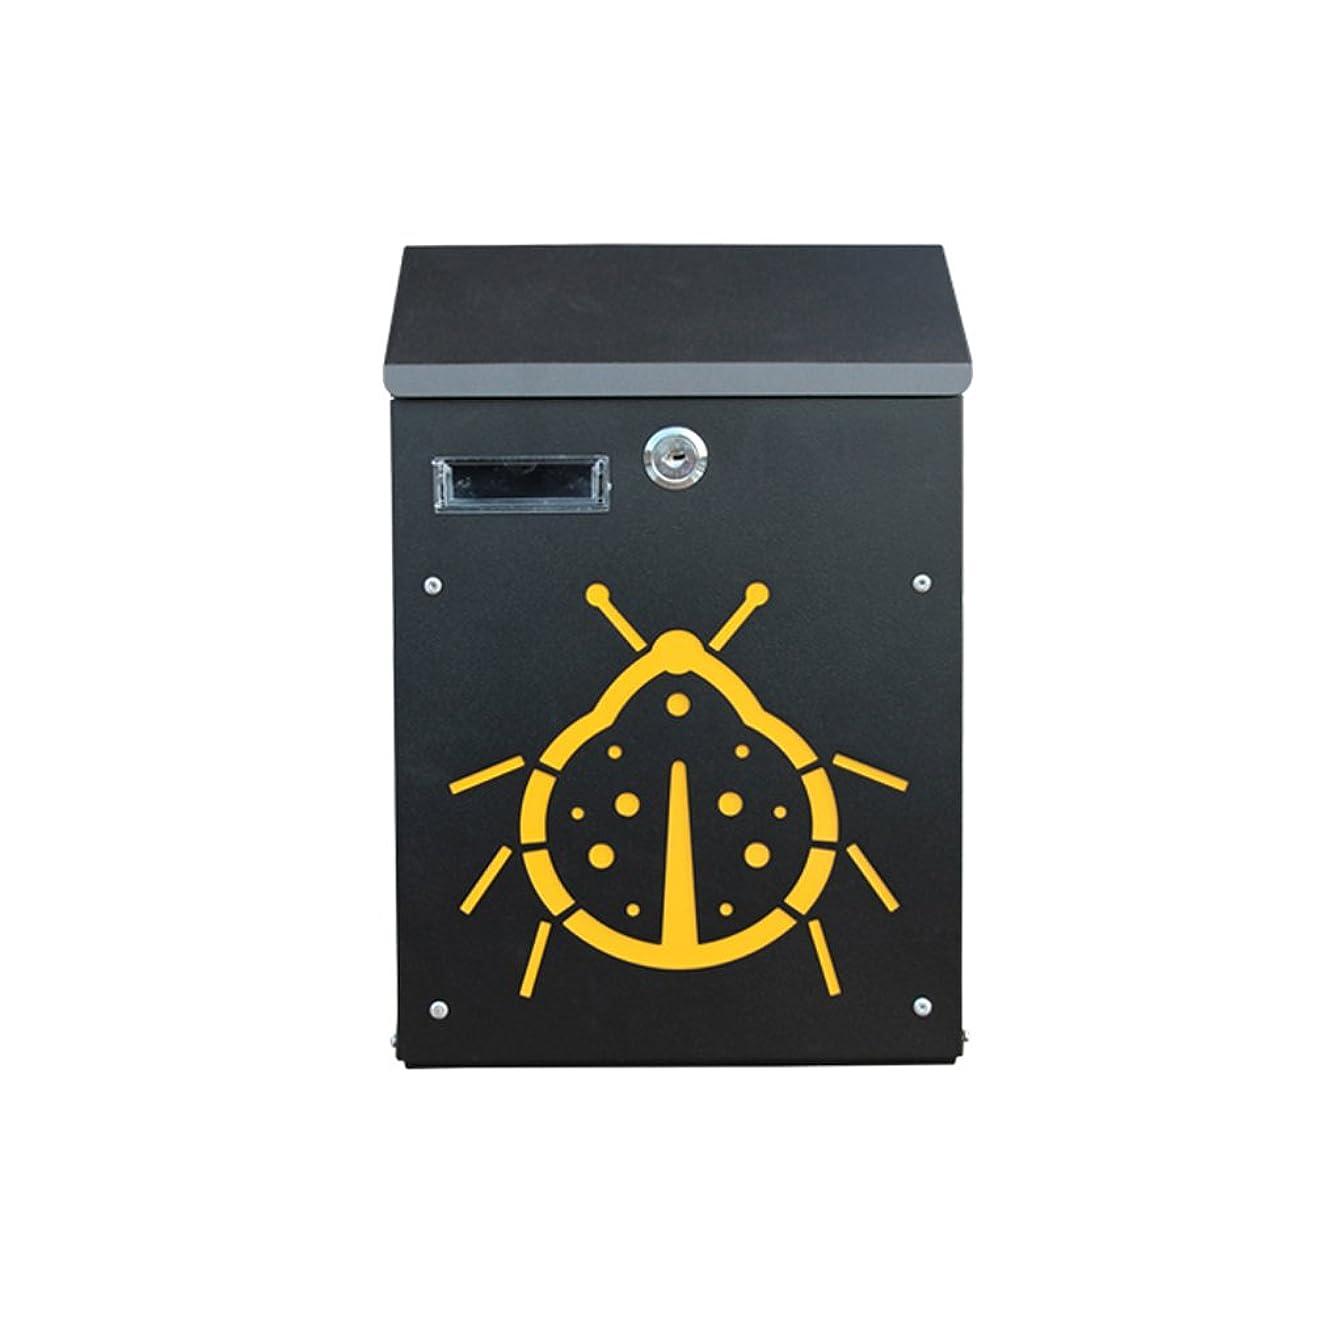 仮定なるゼロHZBb 牧歌的なクリエイティブのメールボックスの壁の吊り箱、レターボックス、壁掛けの装飾